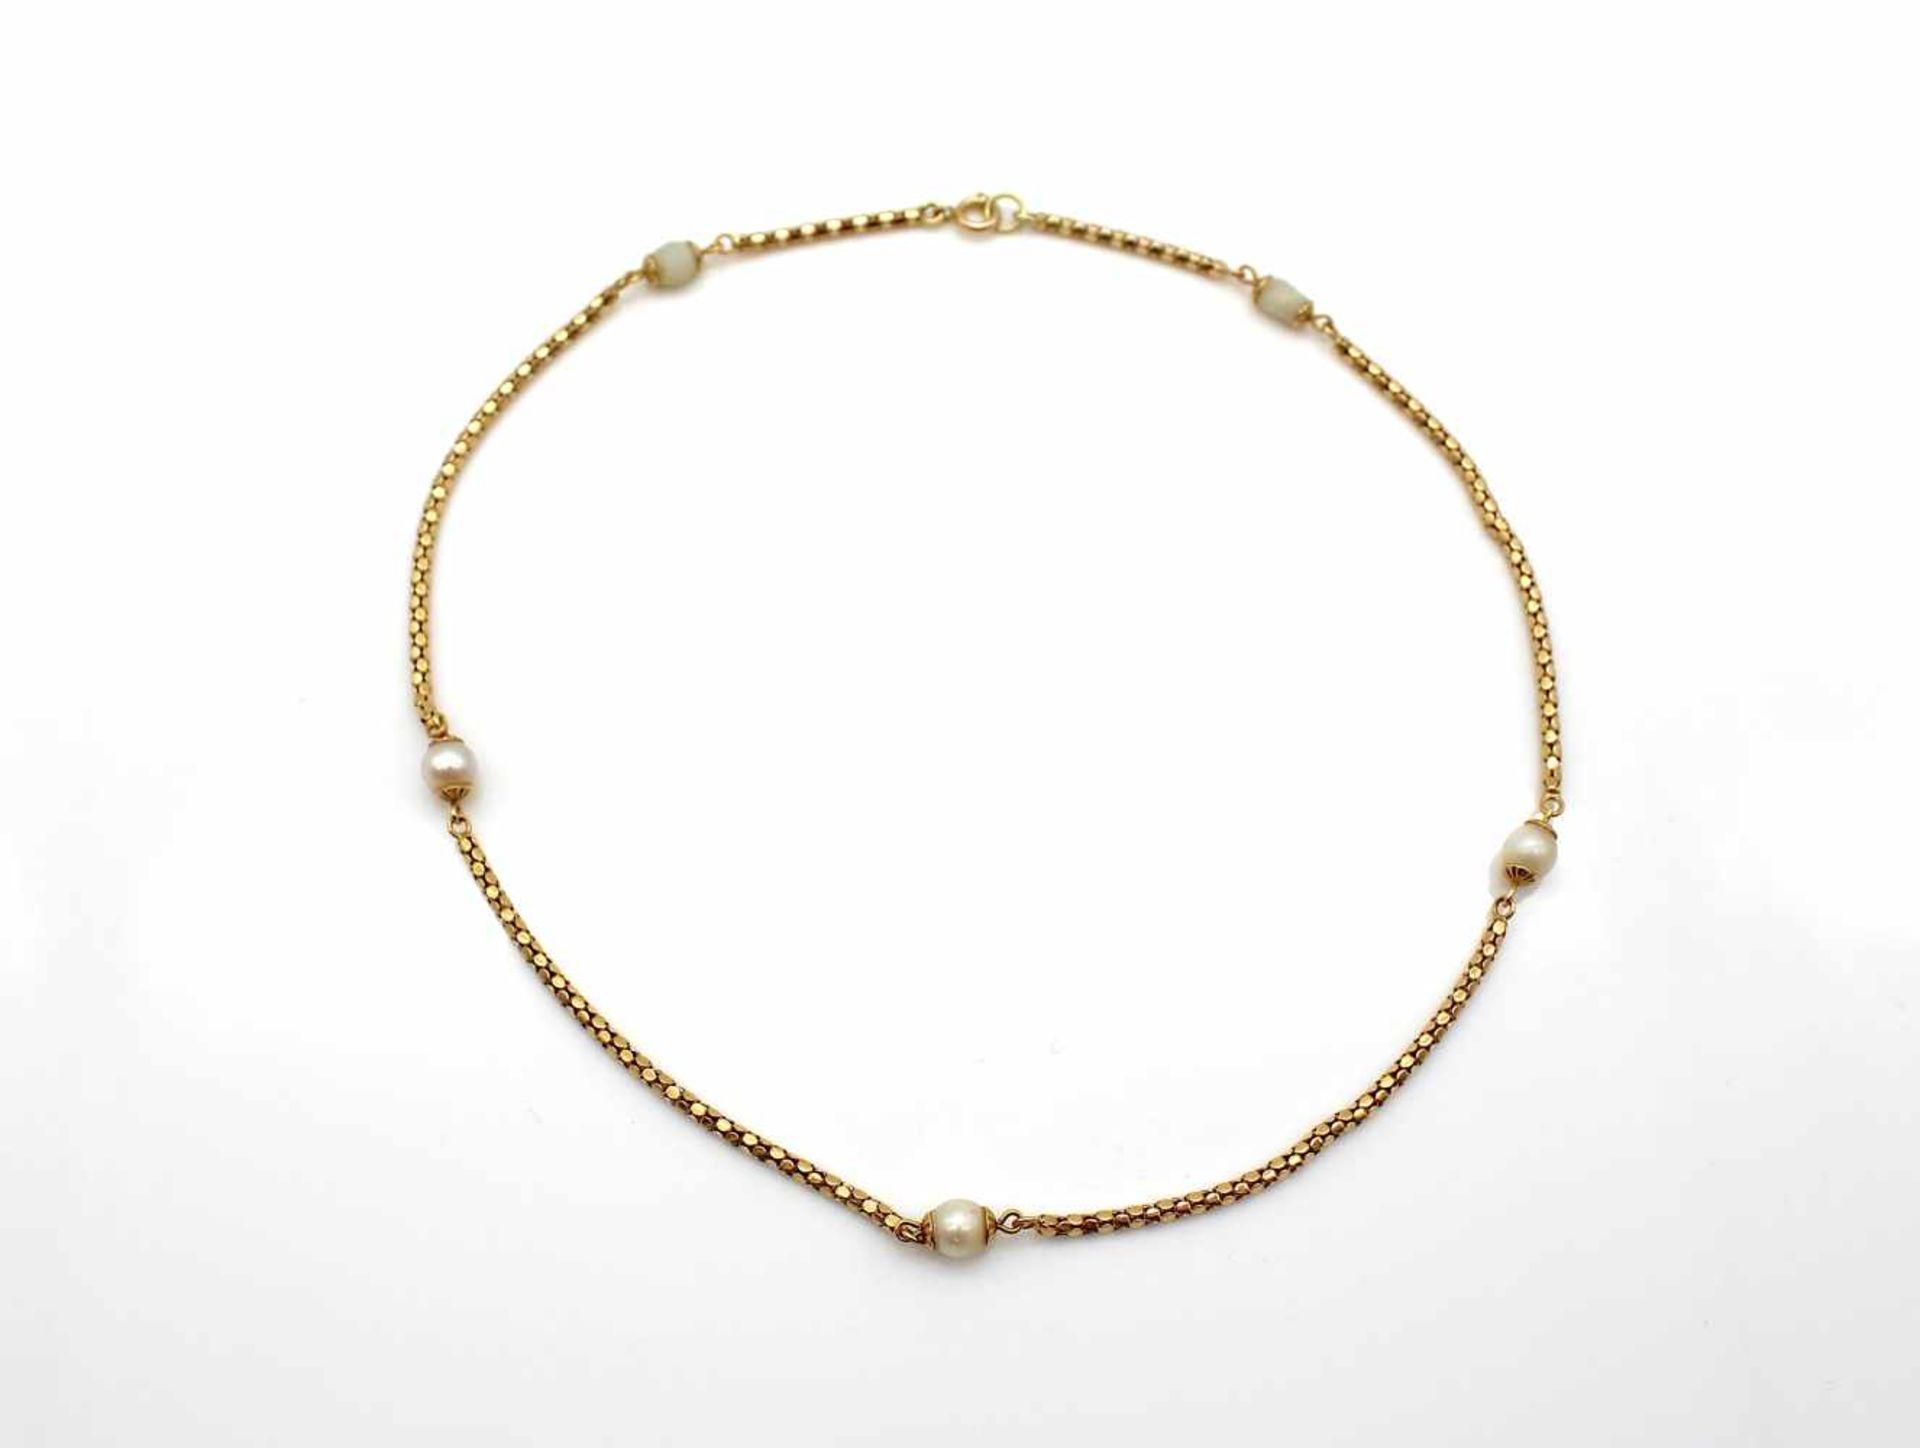 Los 27 - Kette 750 Gold mit kl. Zuchtperlen, 8,6 g, Länge 38 cm